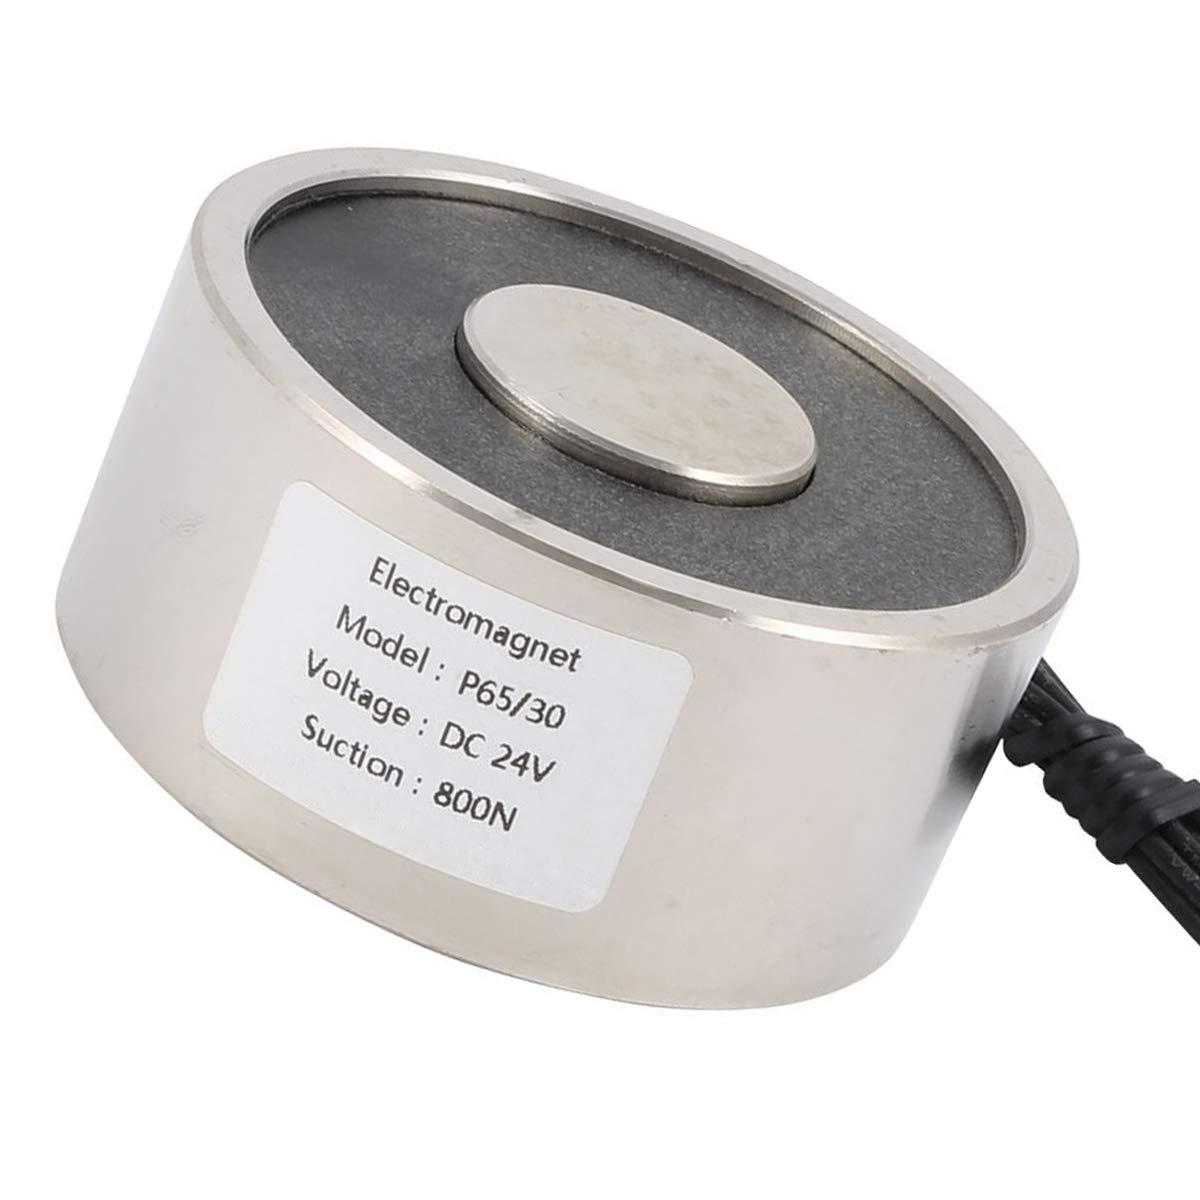 JJDD Electric Lifting Magnet 800 N Electromagnet Solenoid Holding Electromagnet Lift Magnets Lift Holding 24V DC 800 N